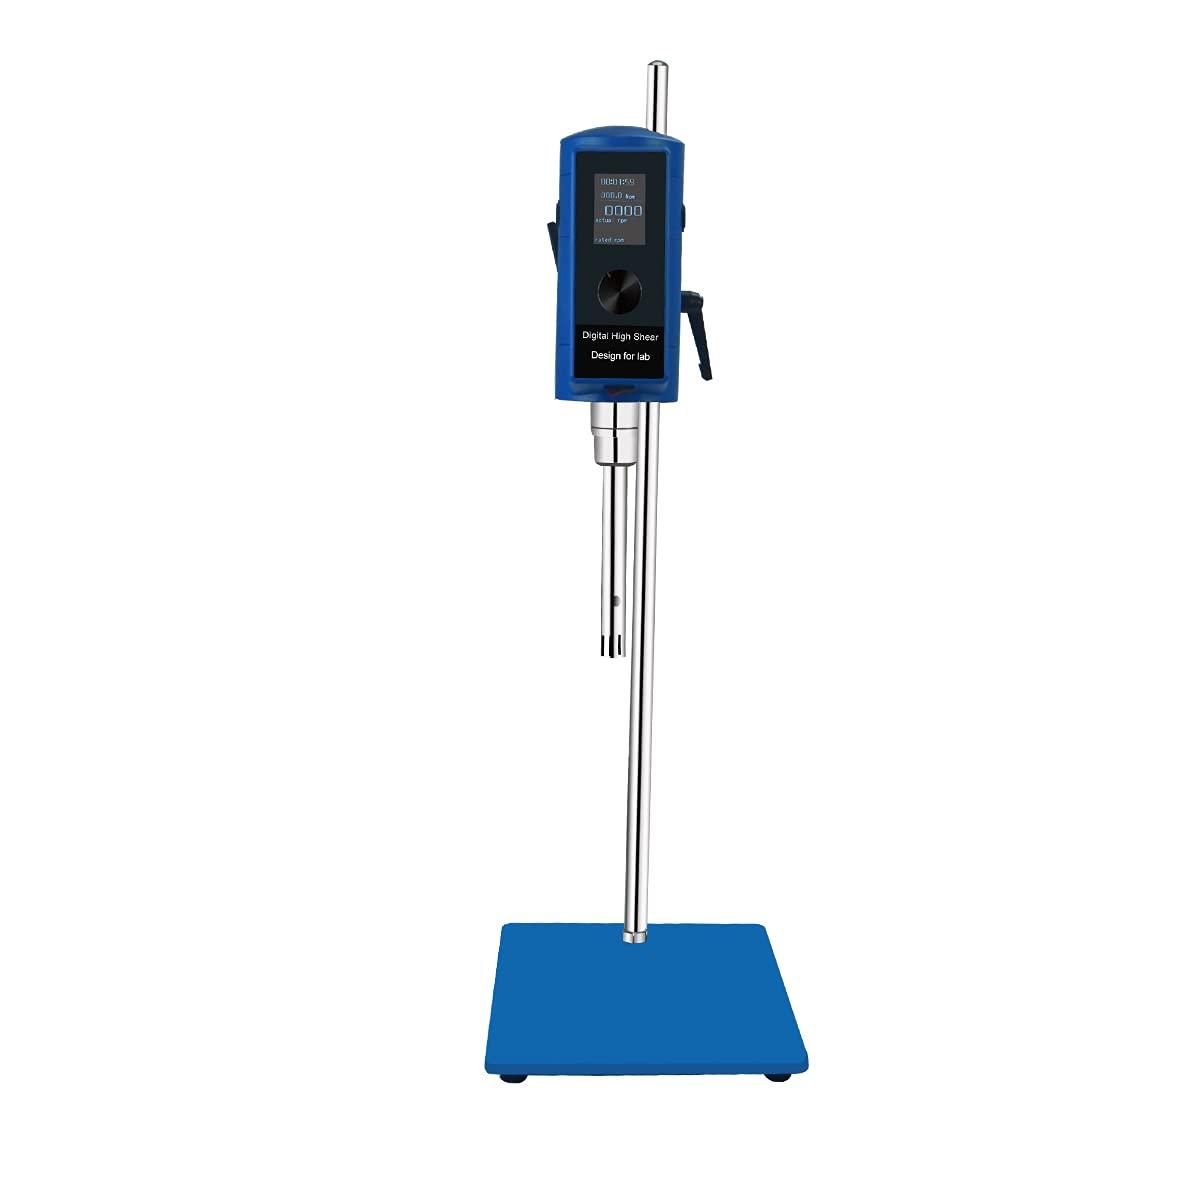 +UXI Bargain High-Shear Homogenizing Attention brand Emulsifier 2000-23000rp Range Speed